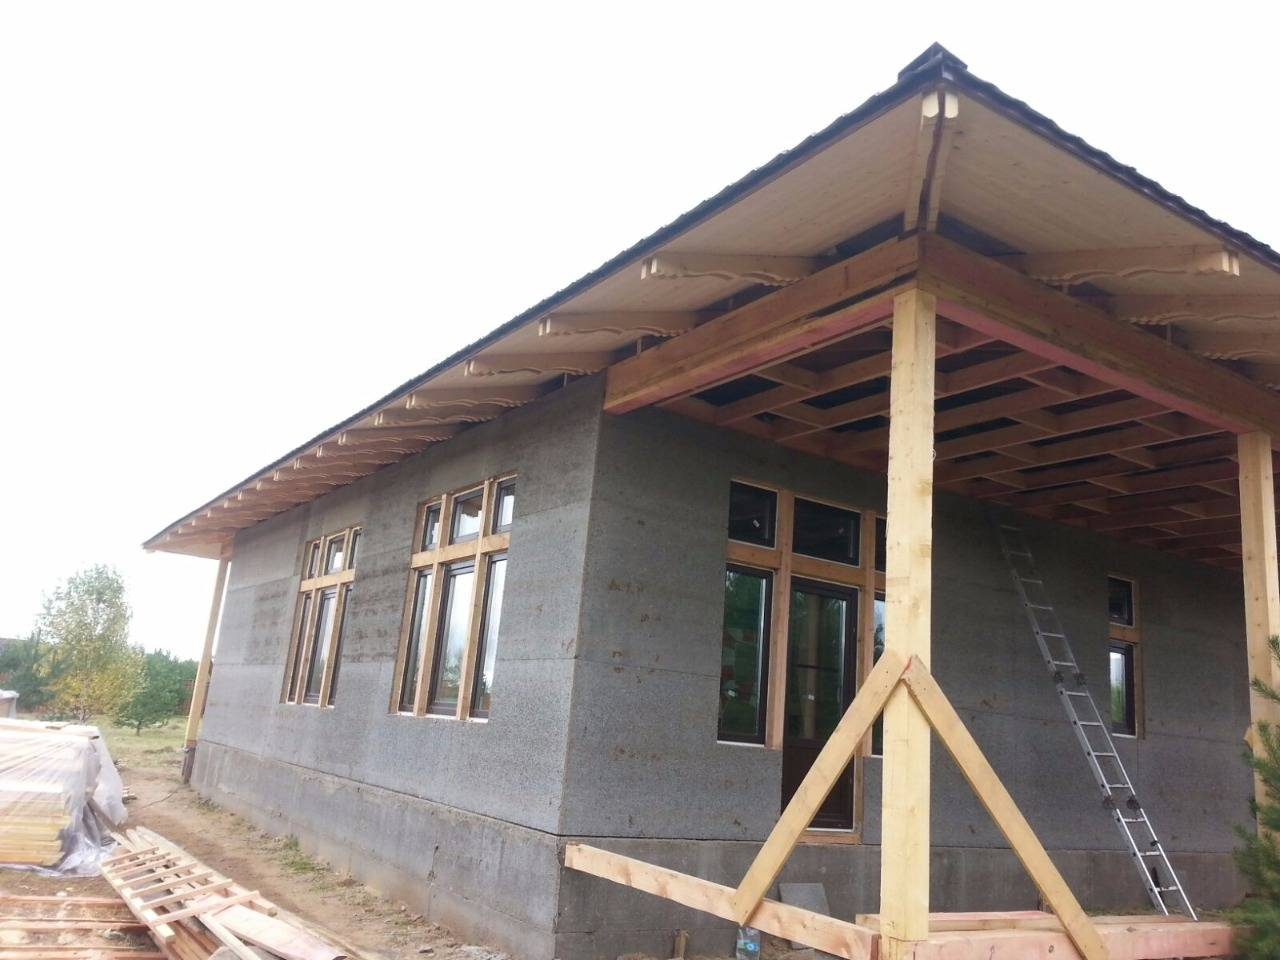 ????отделка фасада на основе цсп: практические советы - блог о строительстве